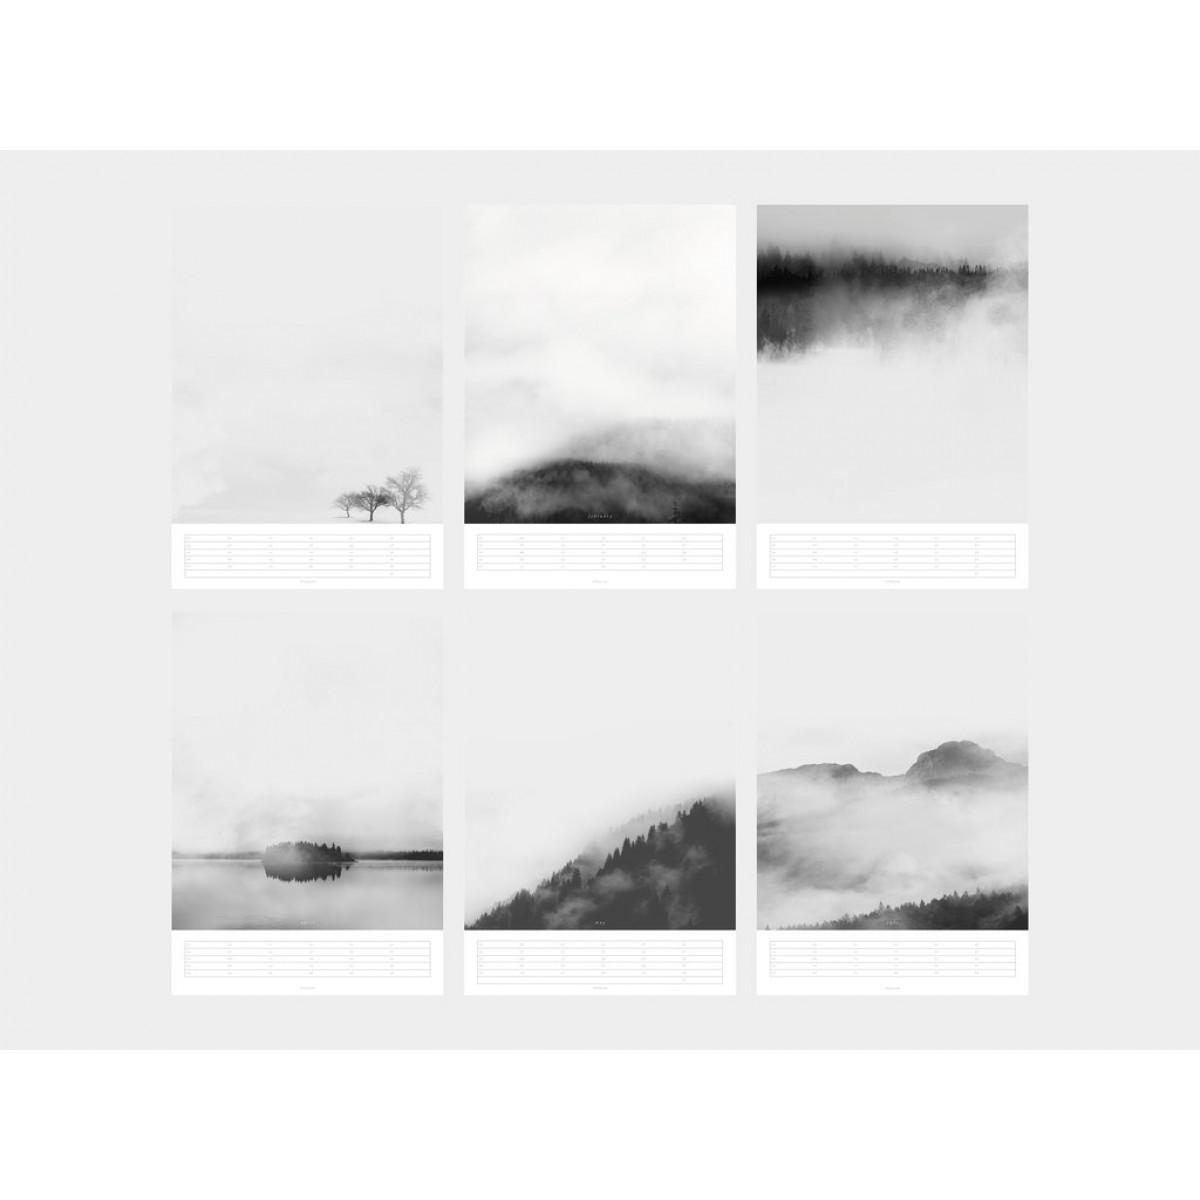 typealive / Wandkalender / Landscapes 2020